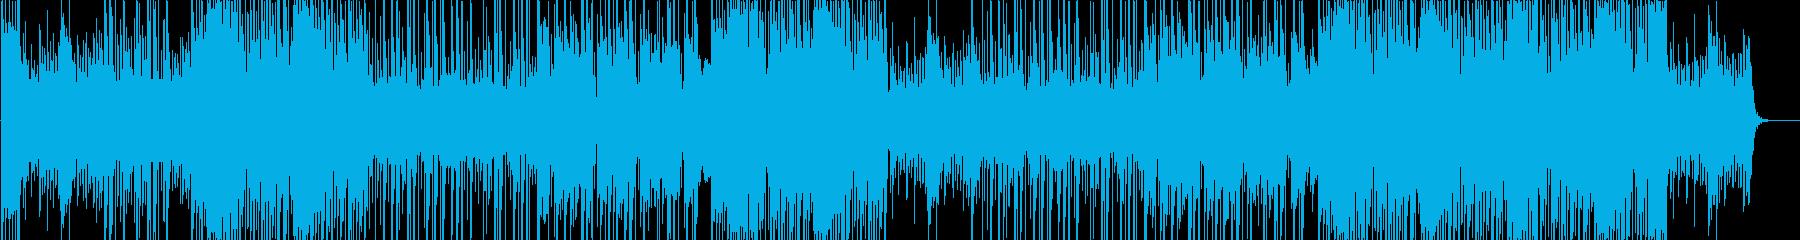 ディレイギターのシリアスなTRAPの再生済みの波形